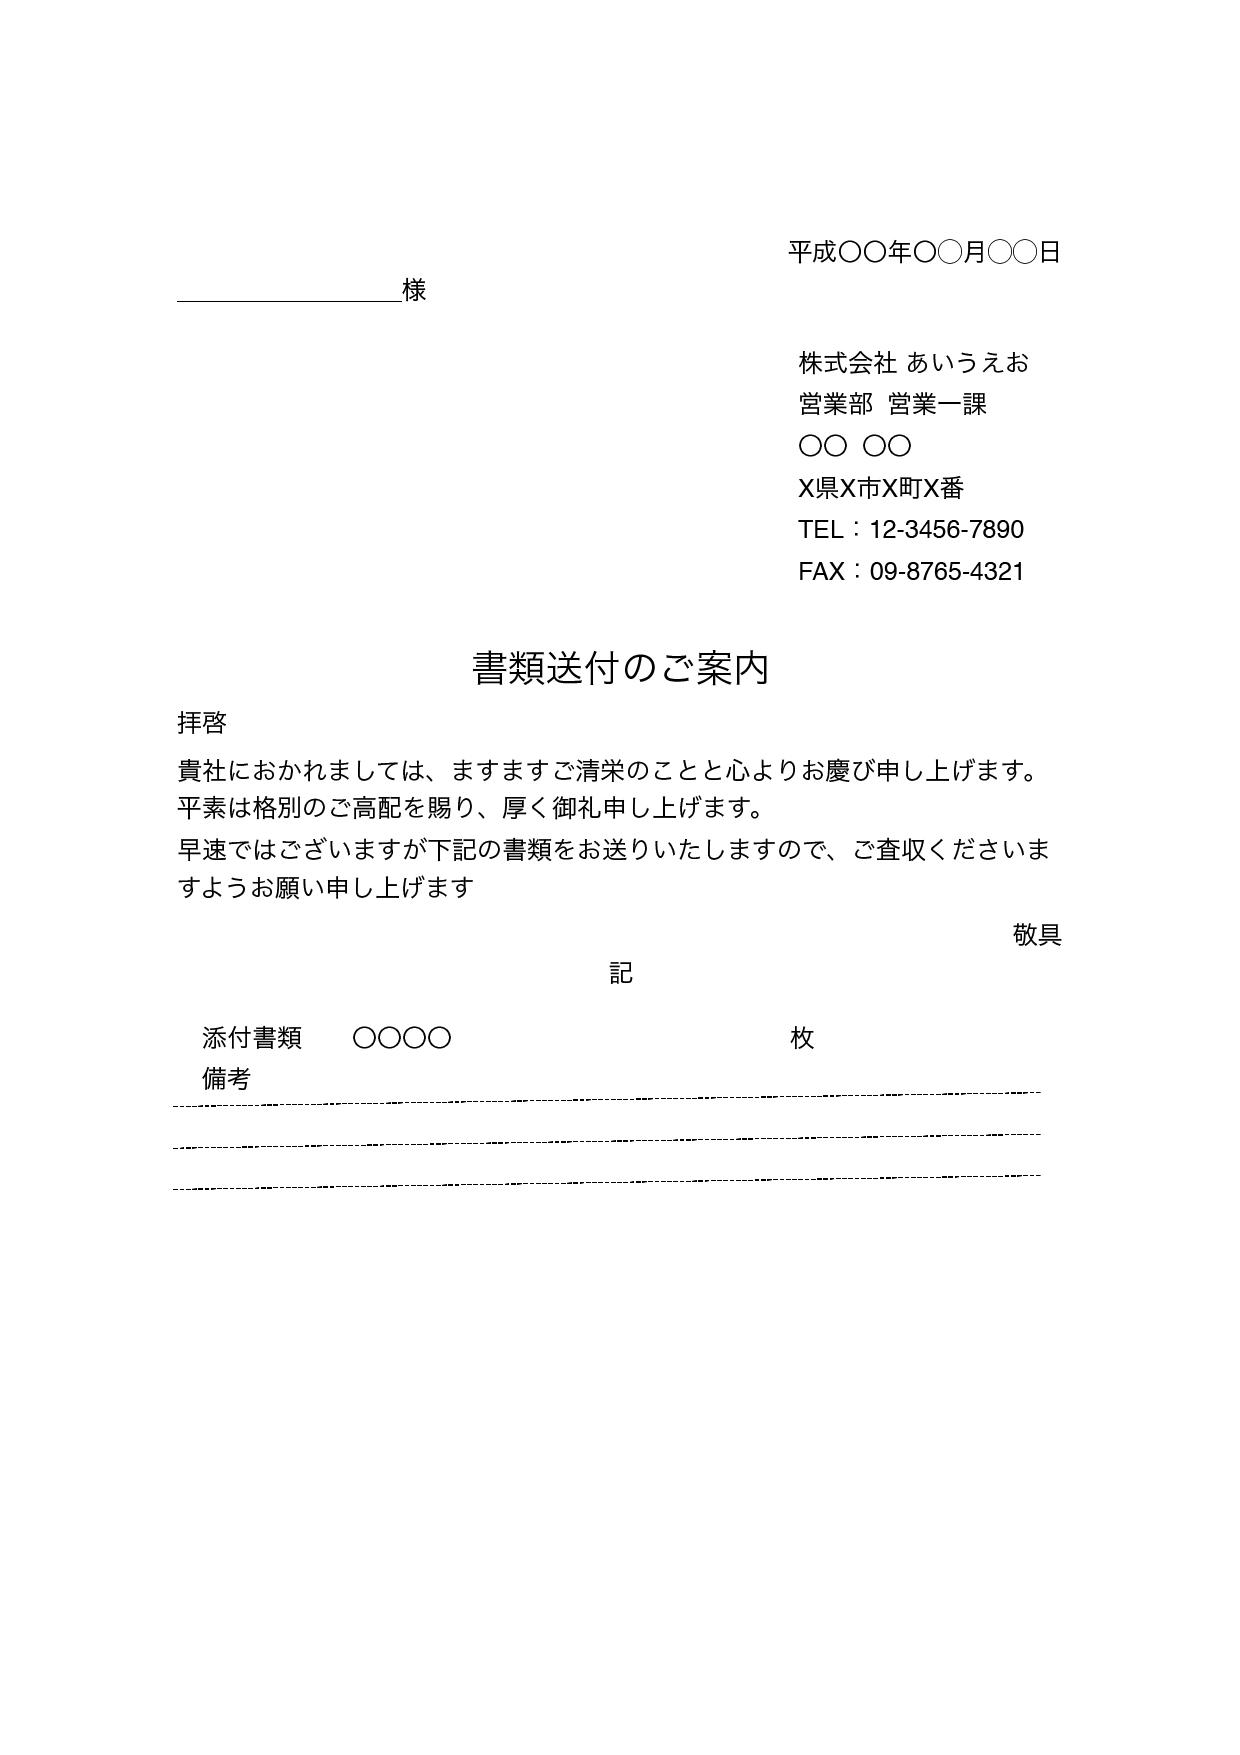 ビジネス送付状テンプレート_オーソドックス(ワード・ページズ)